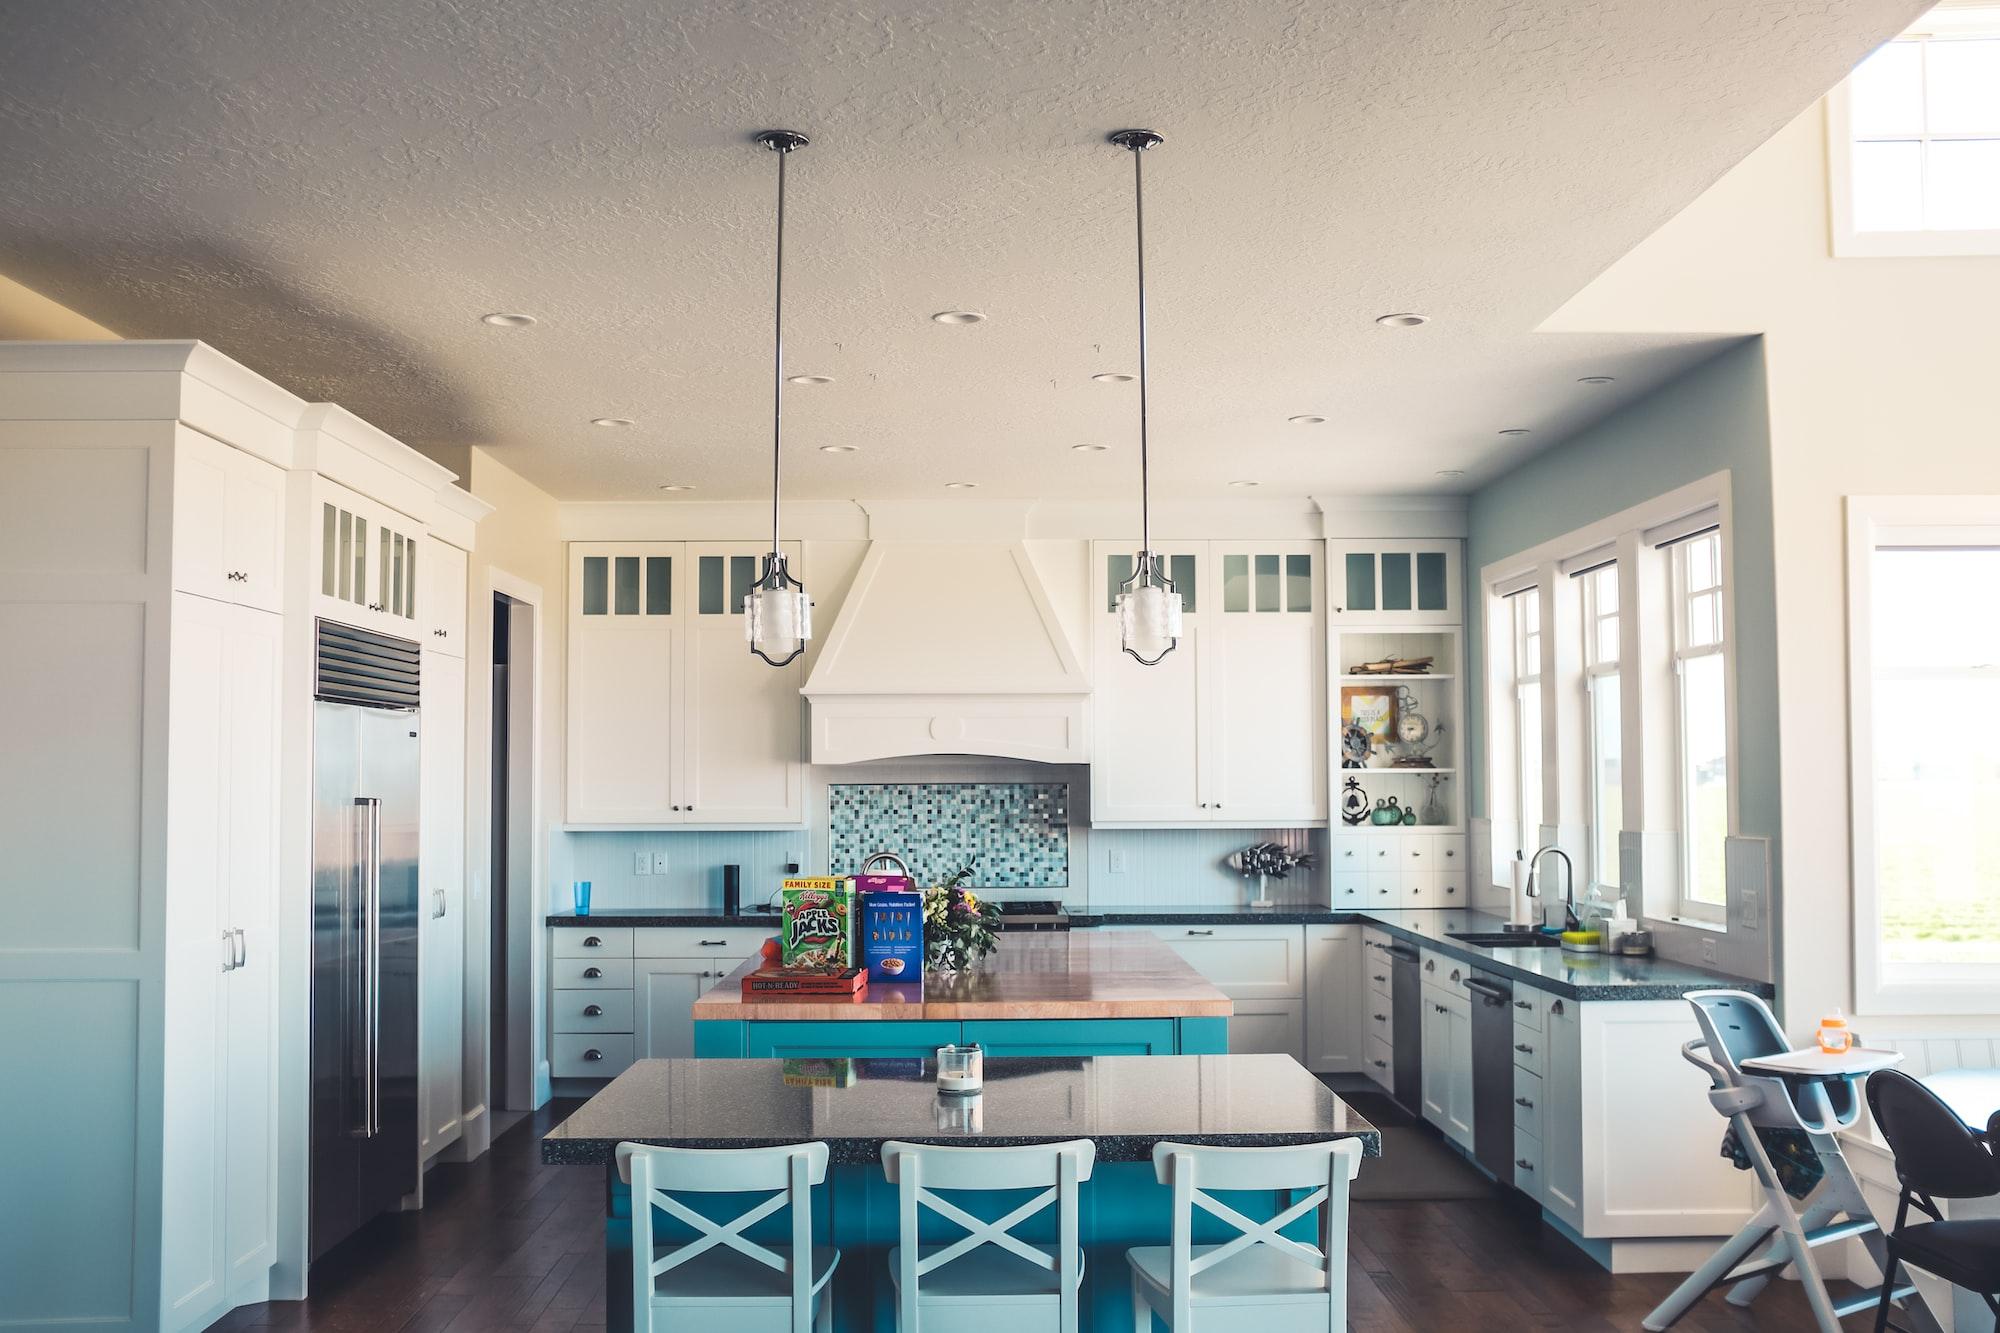 Blue white kitchen interior